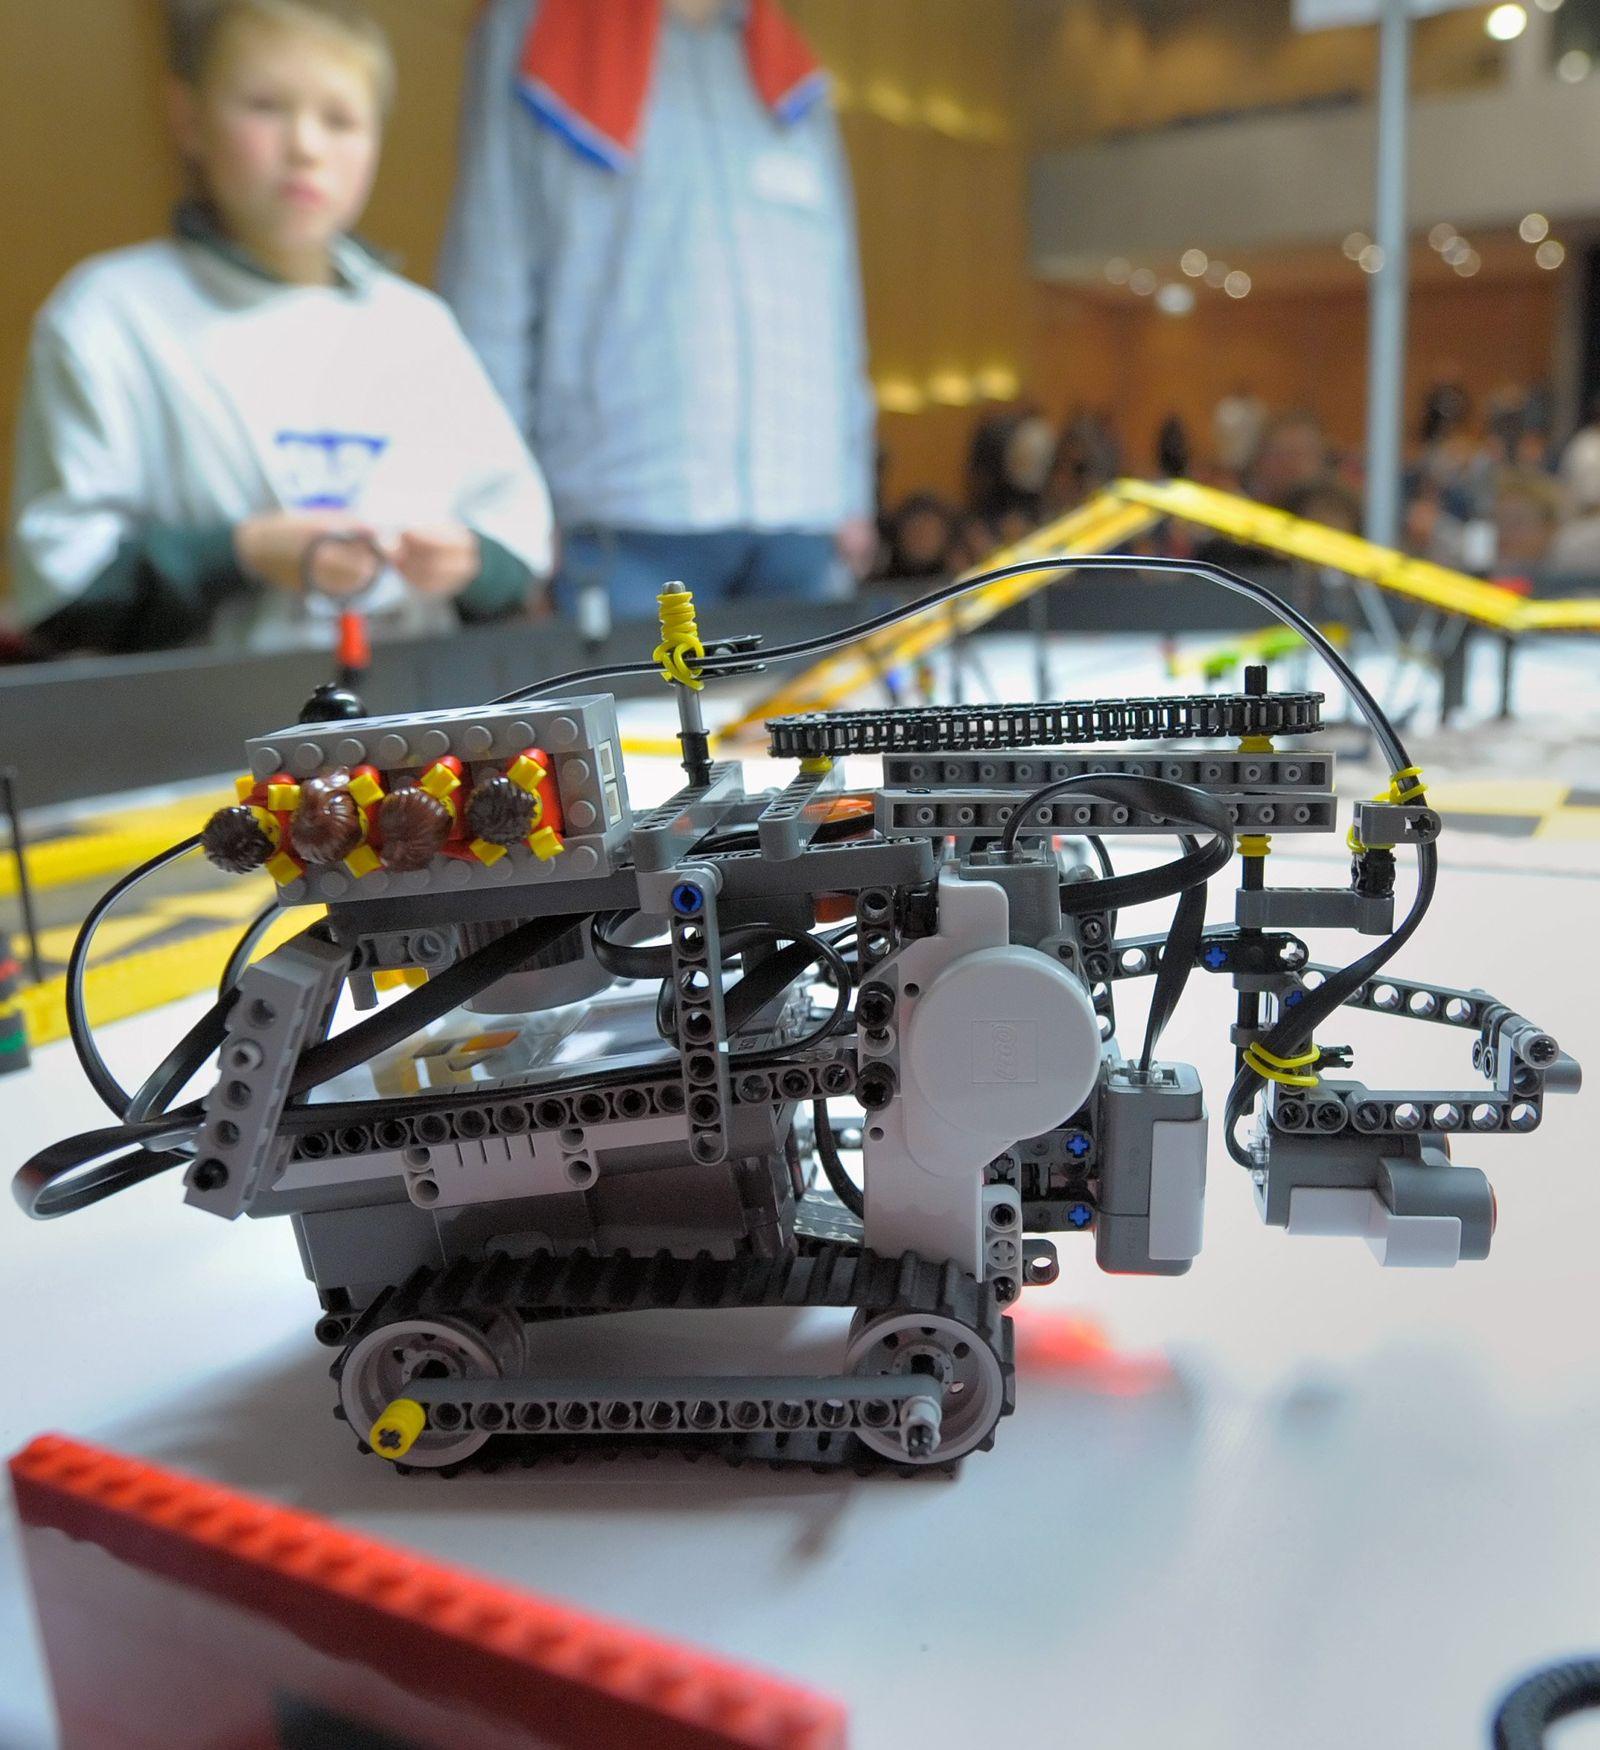 Wissenschaftsbilder/Roboterwettbewerb in St. Leon-Rot